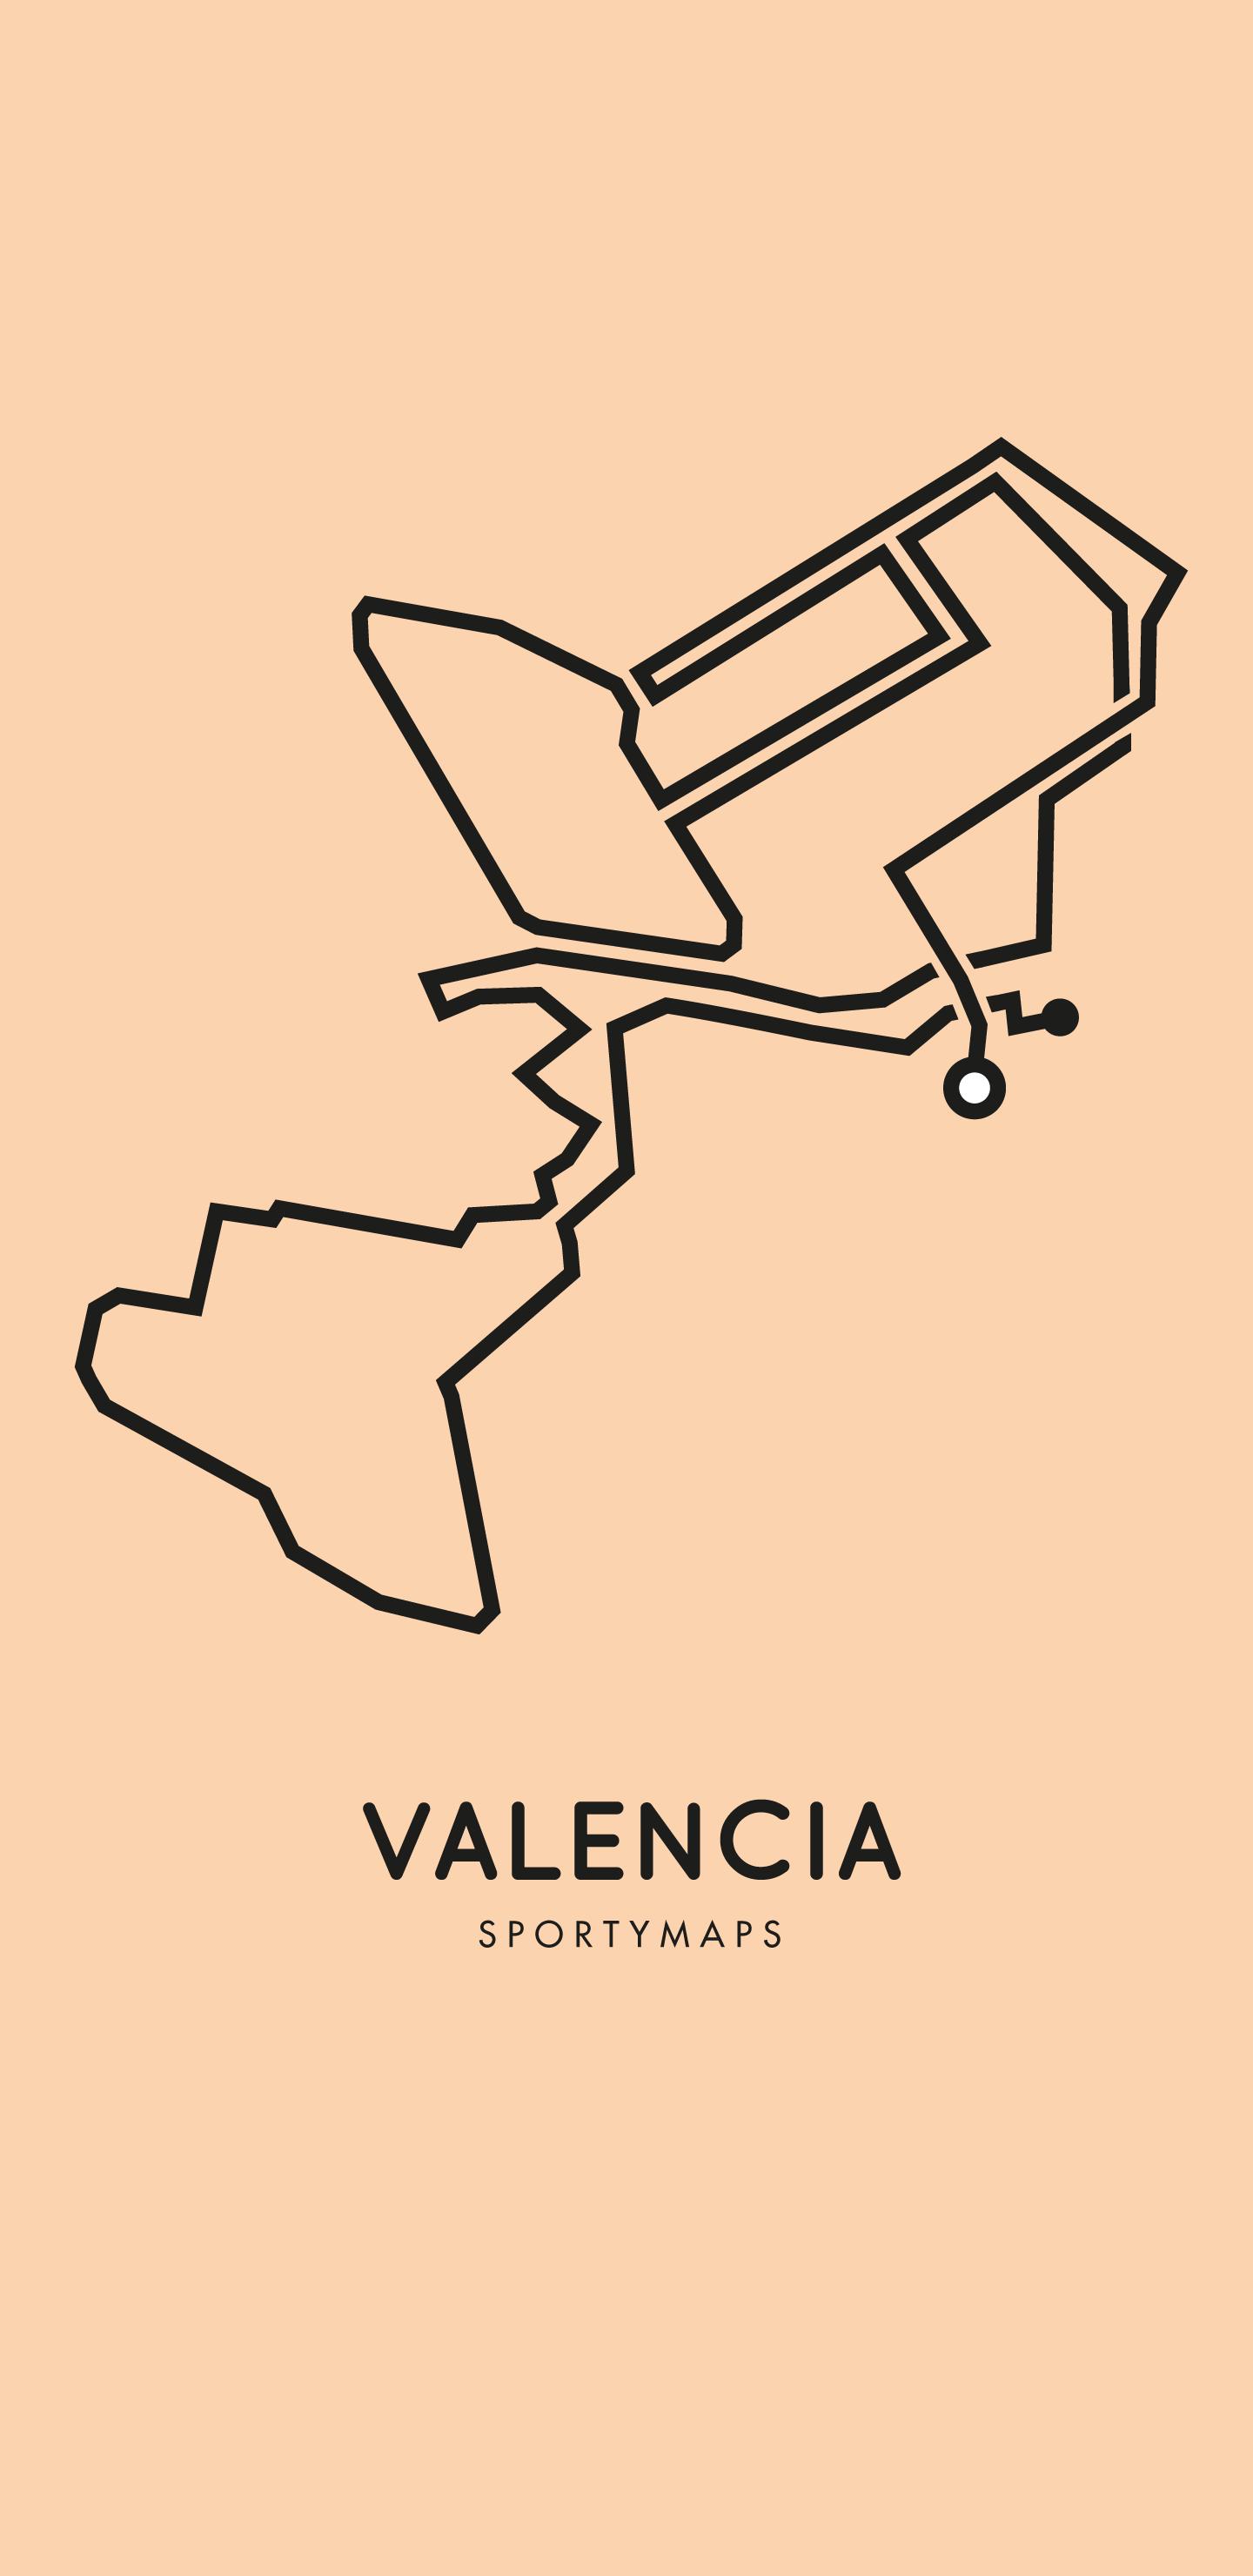 Sportymaps-Valencia-marathon-orange